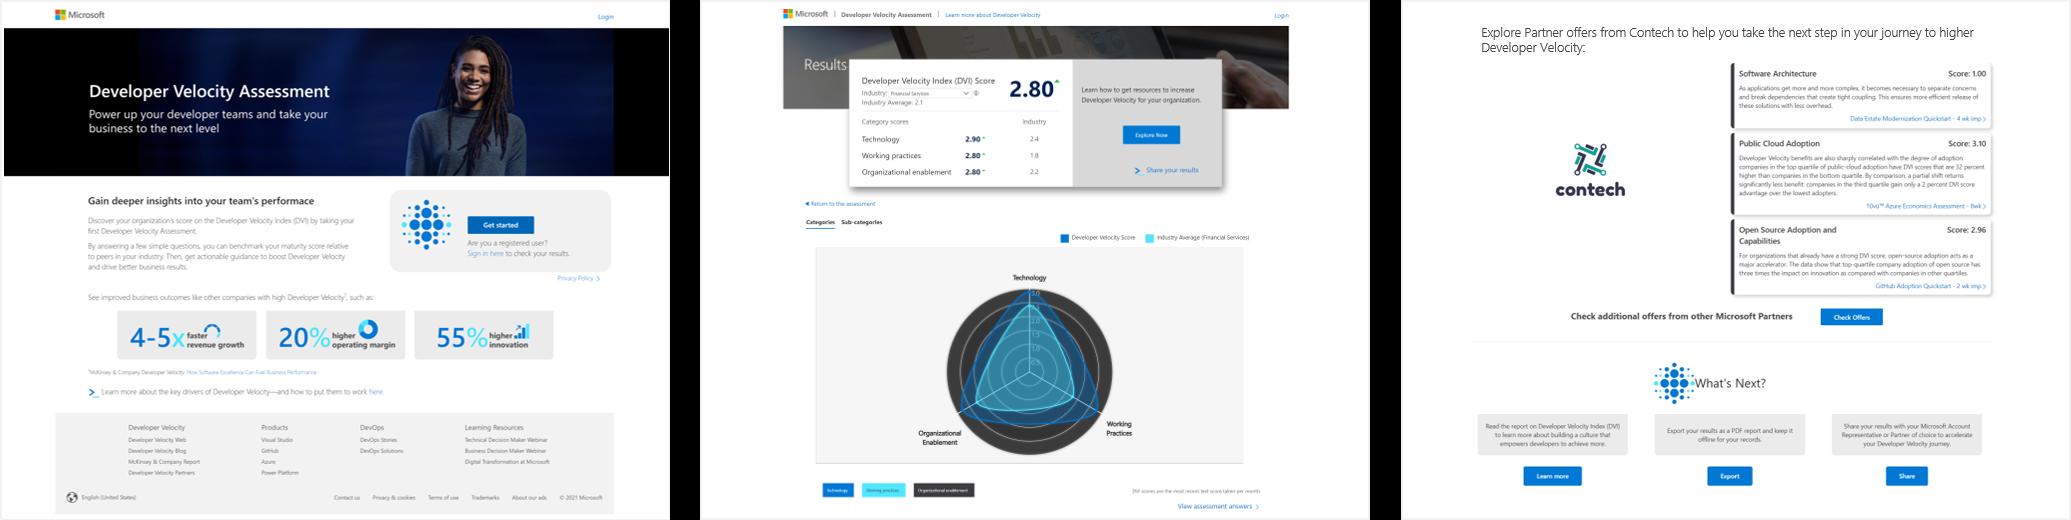 Developer Velocity Assessment screenshot.